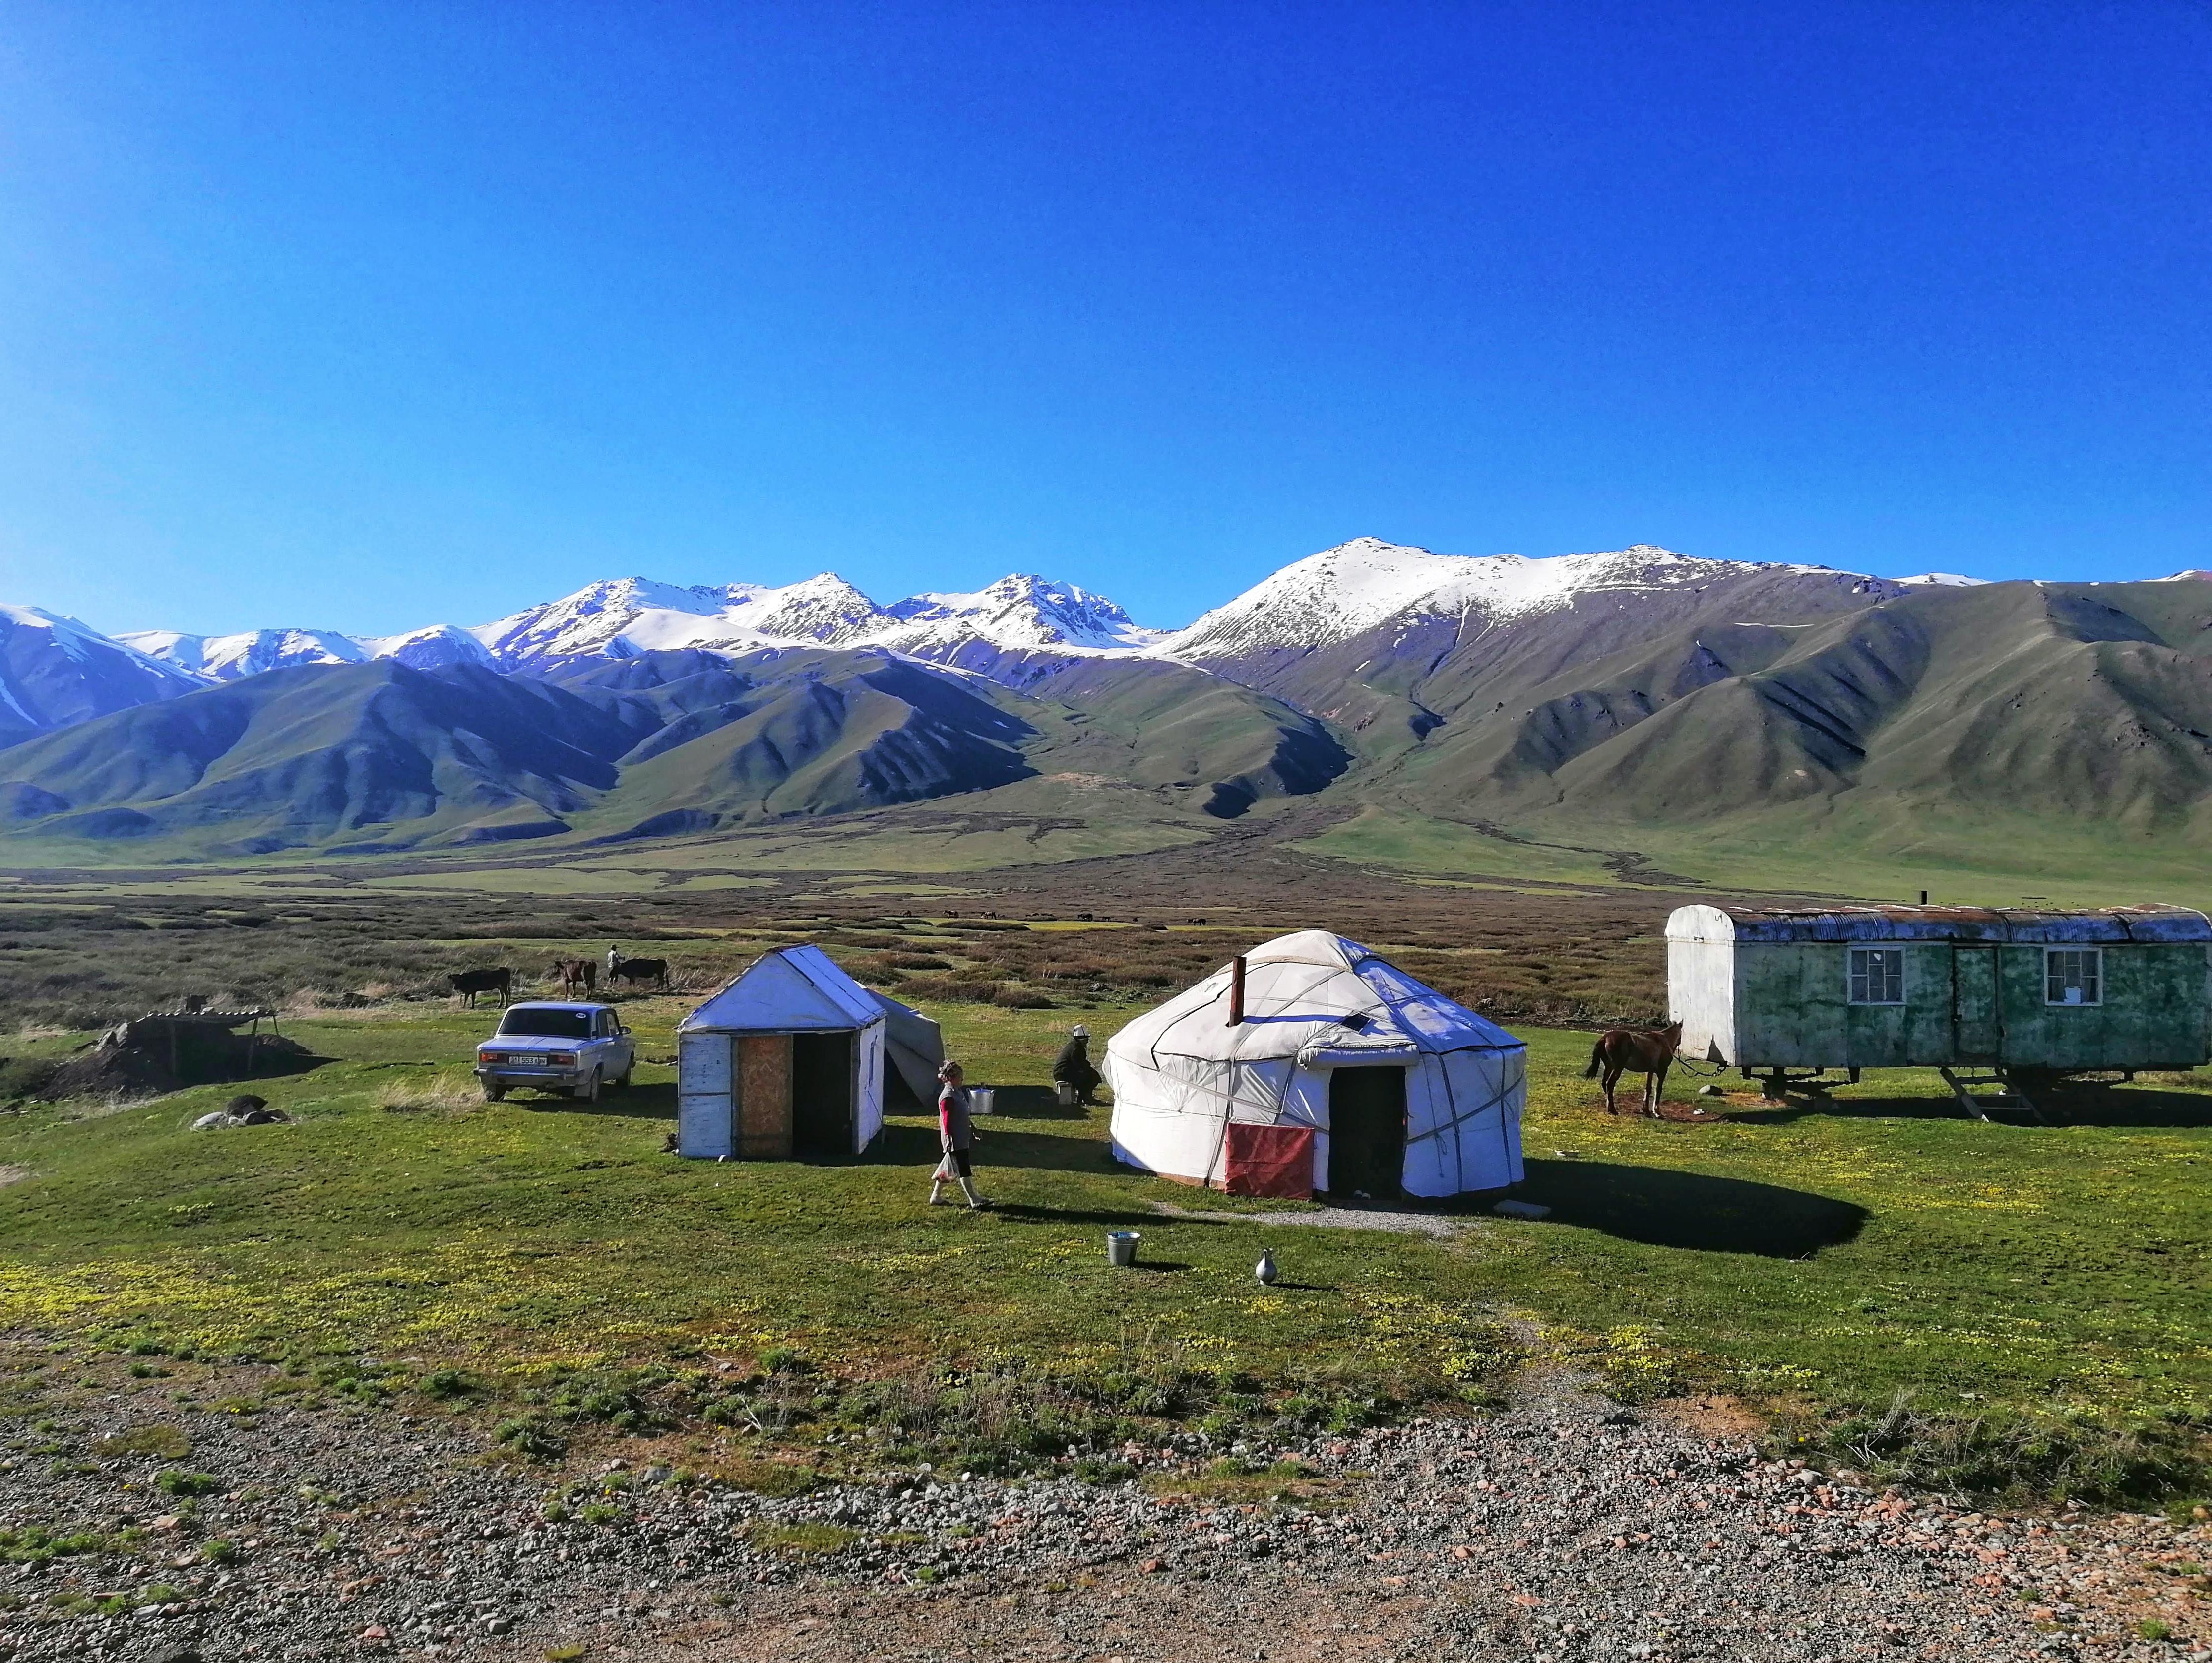 山々と遊牧テント